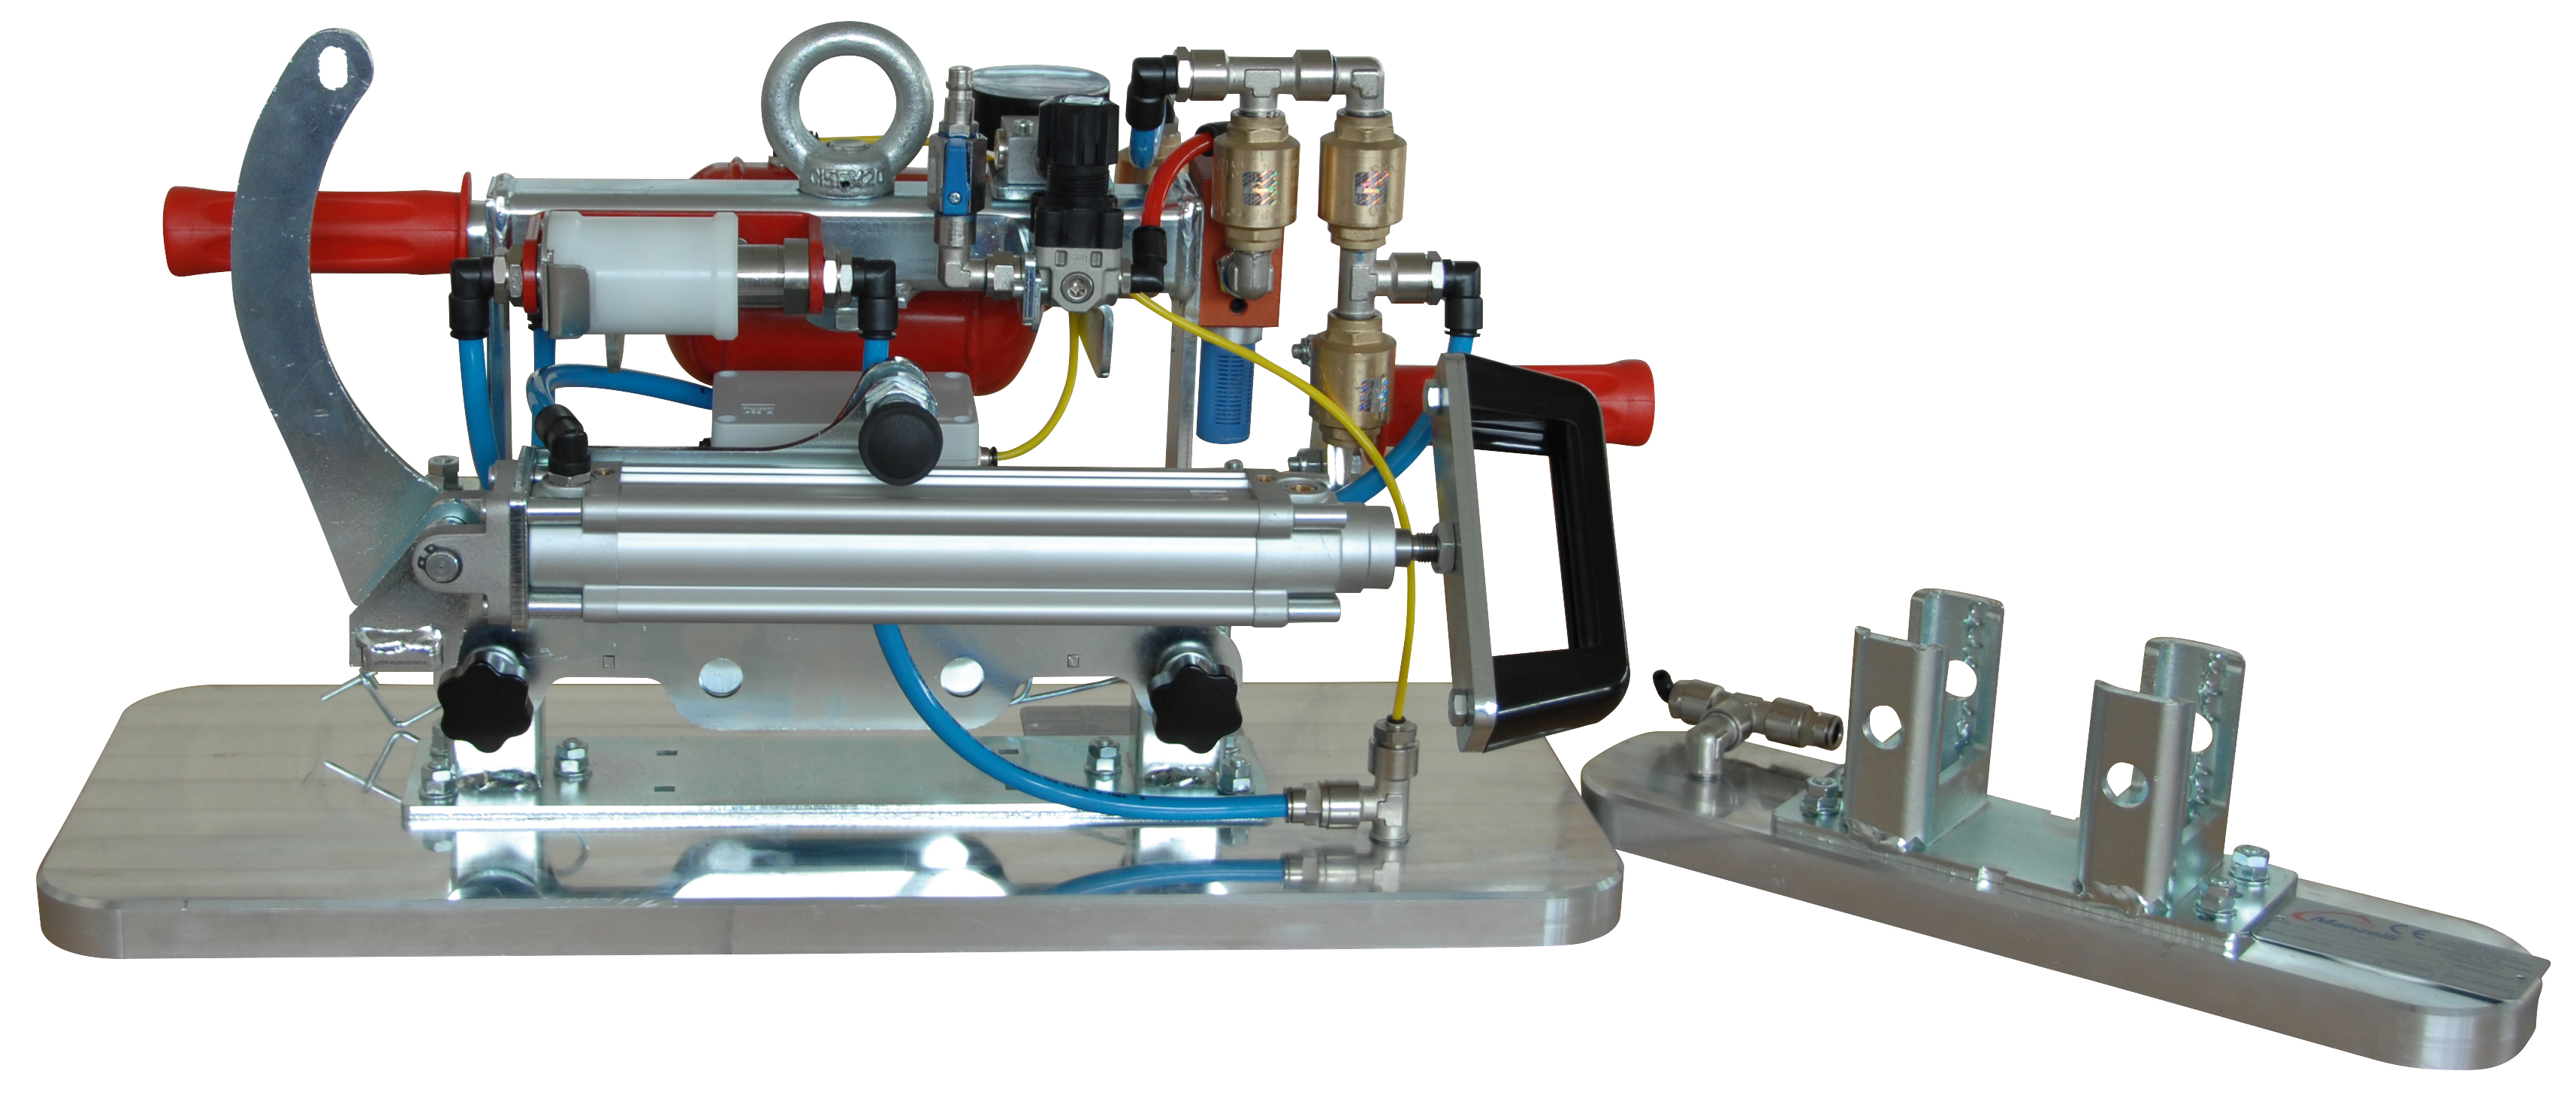 Manzelli Vakuumheber Basic VAM1HP/300 IS mit Handpumpe │ wechselbare Saugplatten